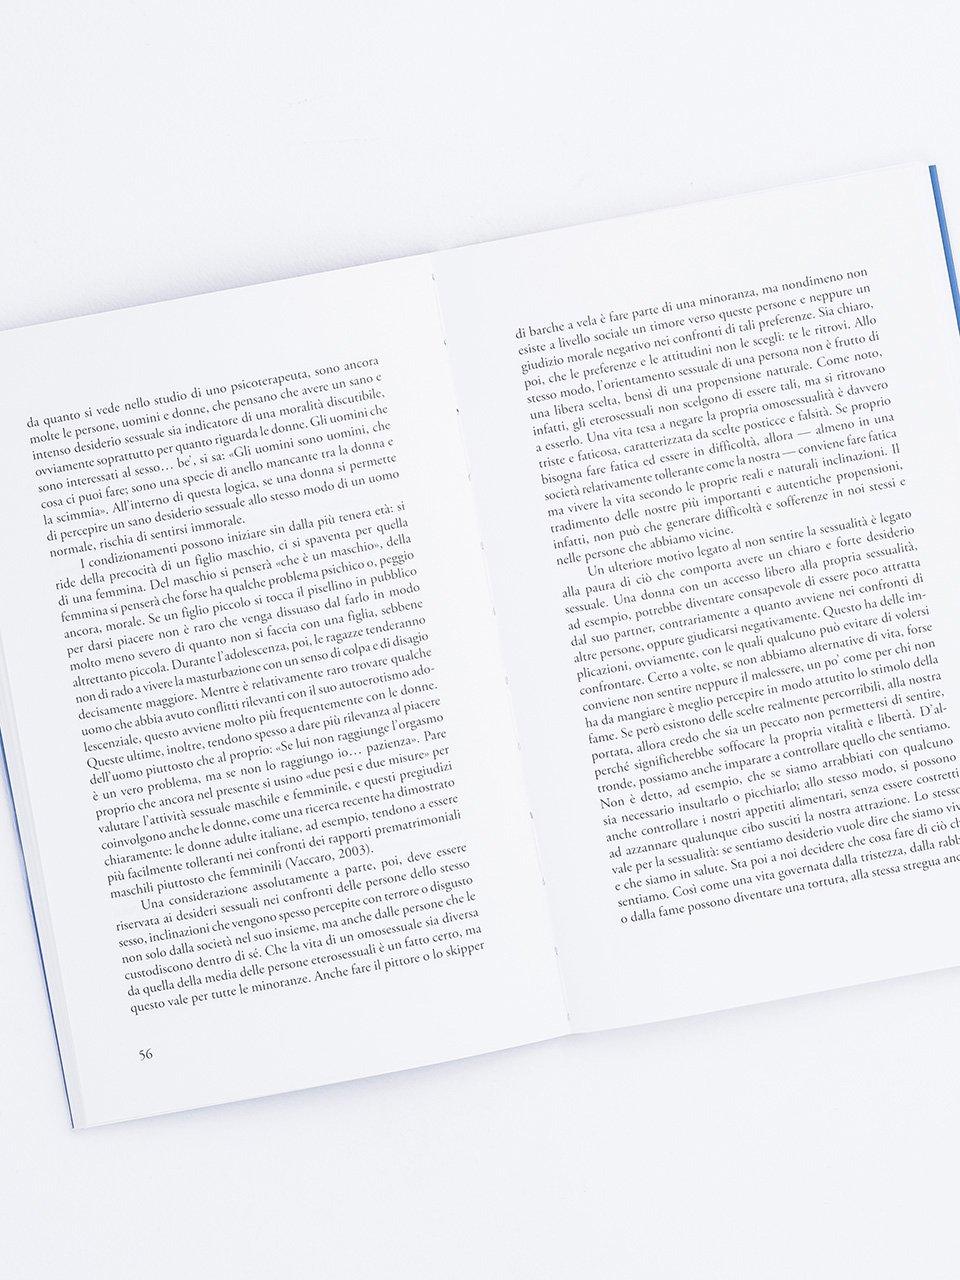 Paura di sentire - Libri - Erickson 2